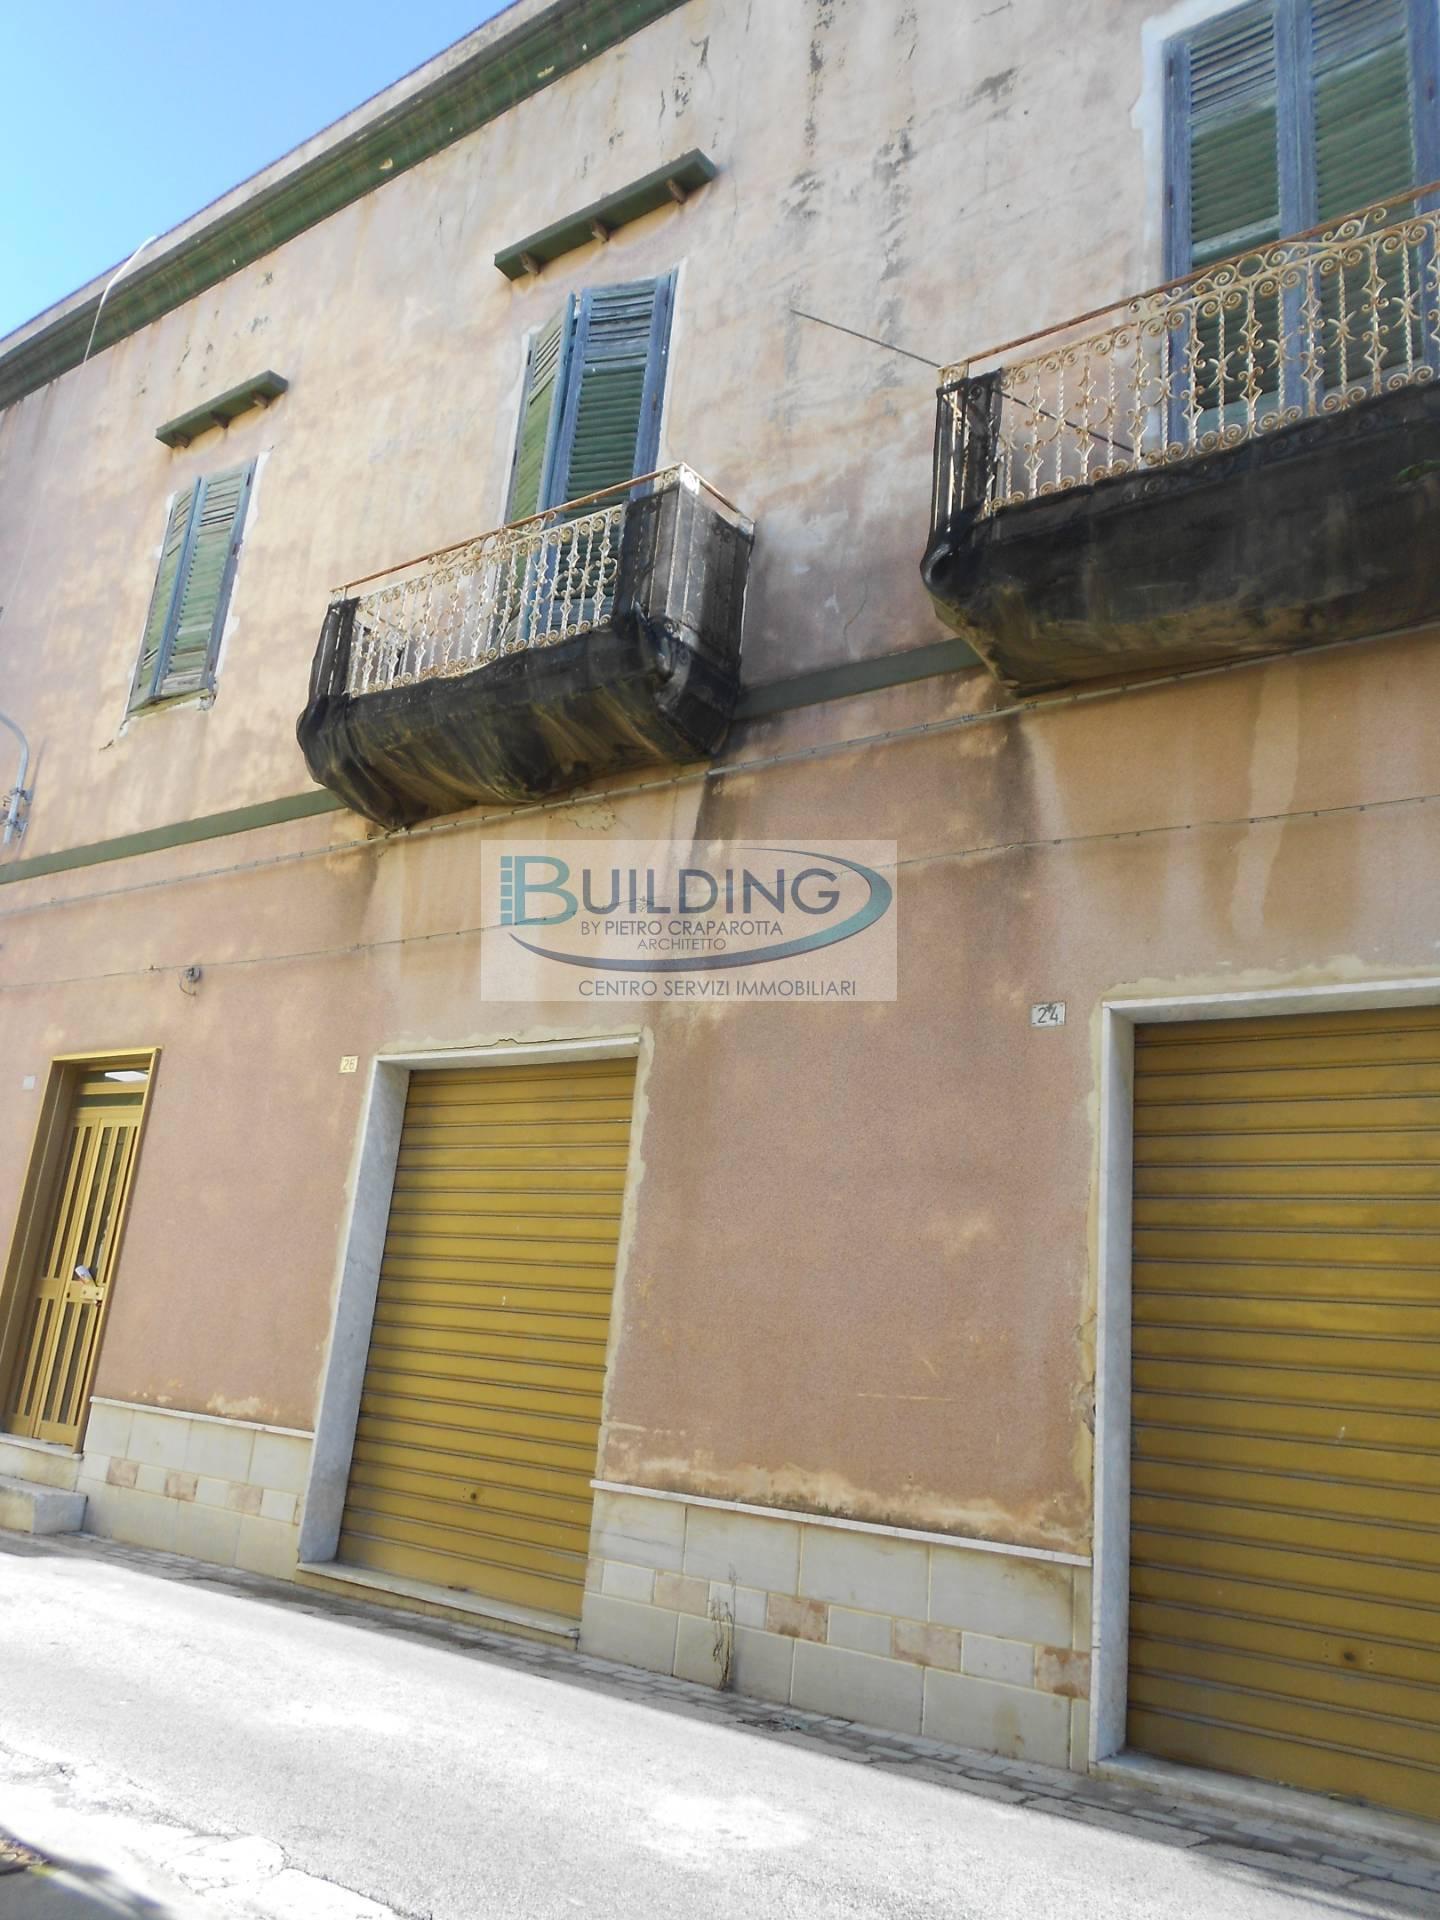 Appartamento in vendita a Castelvetrano, 6 locali, zona Località: CentroStorico, prezzo € 25.000 | PortaleAgenzieImmobiliari.it